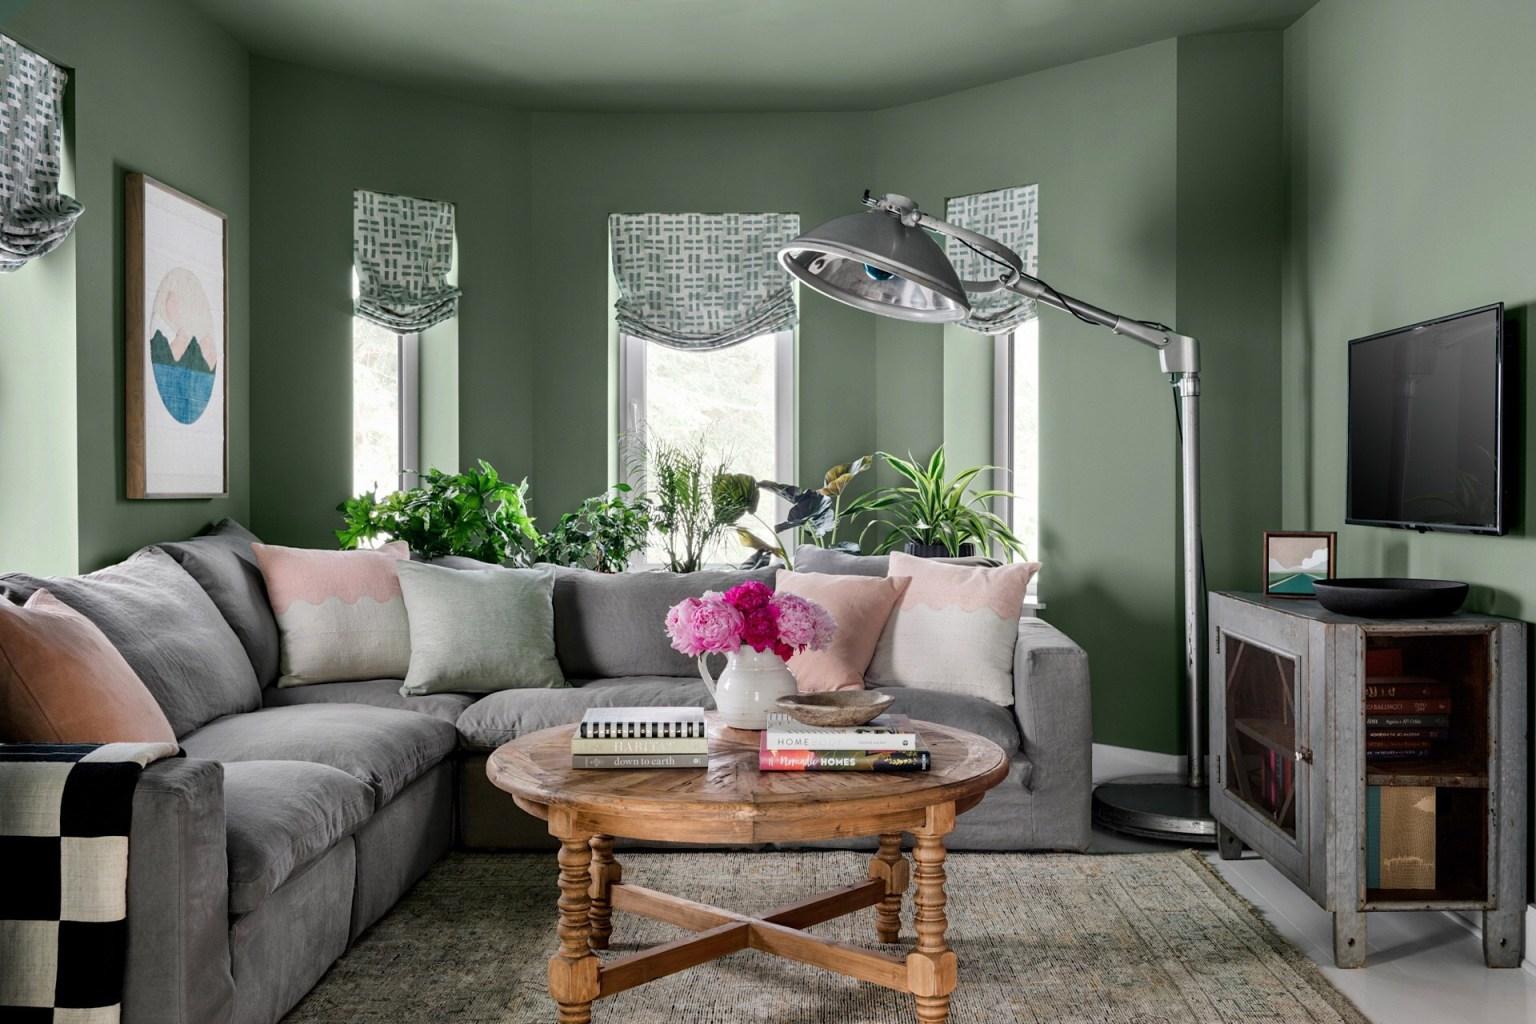 Căn nhà cấp 4 với nội thất dung dị nên thơ giữa khung cảnh xanh mát của vườn cây yên bình xung quanh - Ảnh 7.